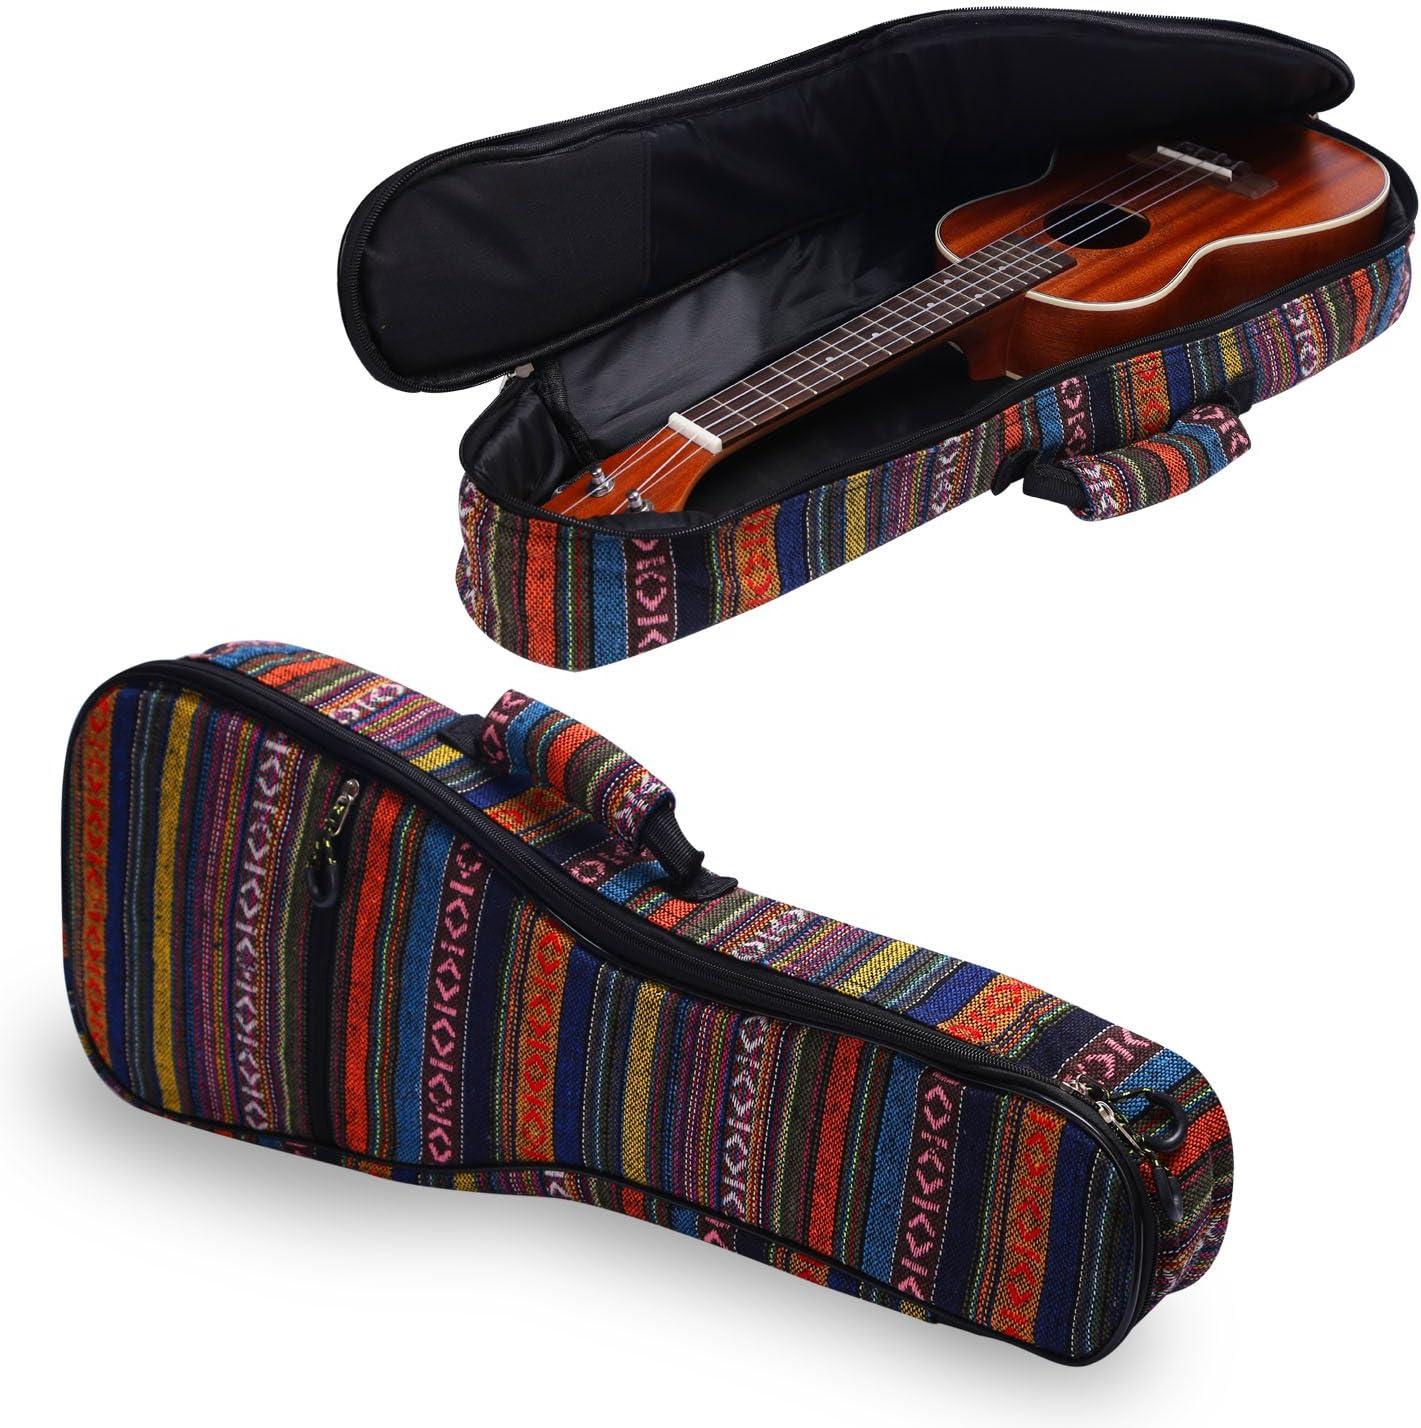 CAHAYA Ukulele Bag Tenor Cotton Ukulele Case 26 Inch 9MM Thick Soft Padding Adjustable Straps Bohemia Vintage Style